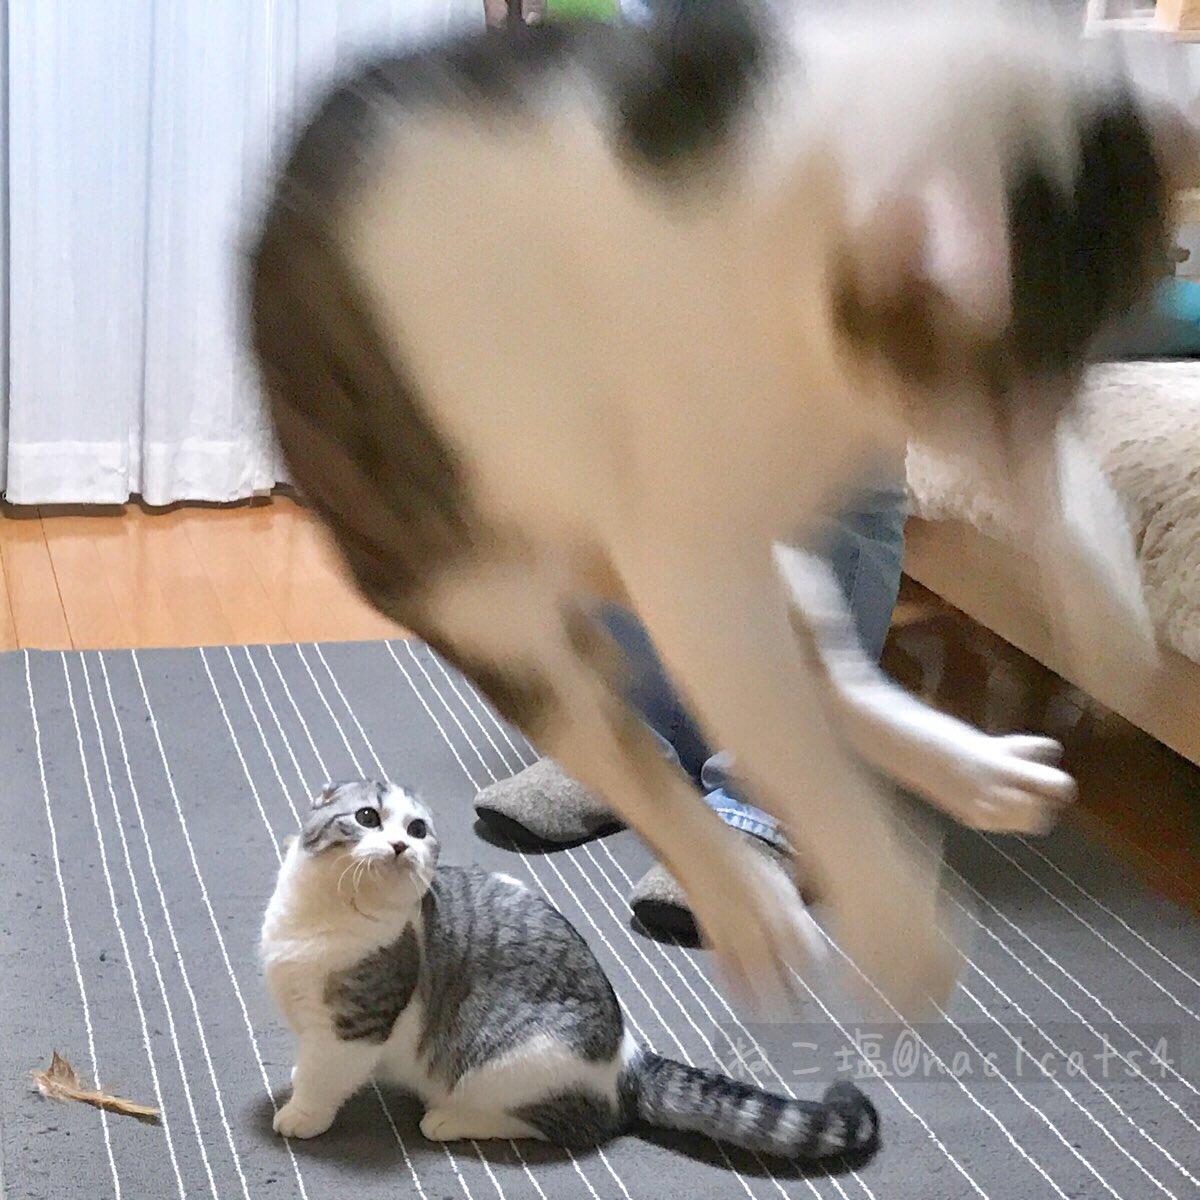 おこめ『お麦お兄ちゃん躍動感スゴい! よしっ、ボクも!!』おこめさん、残念なジャンプ力…(床から脚が離れてないですよ💦